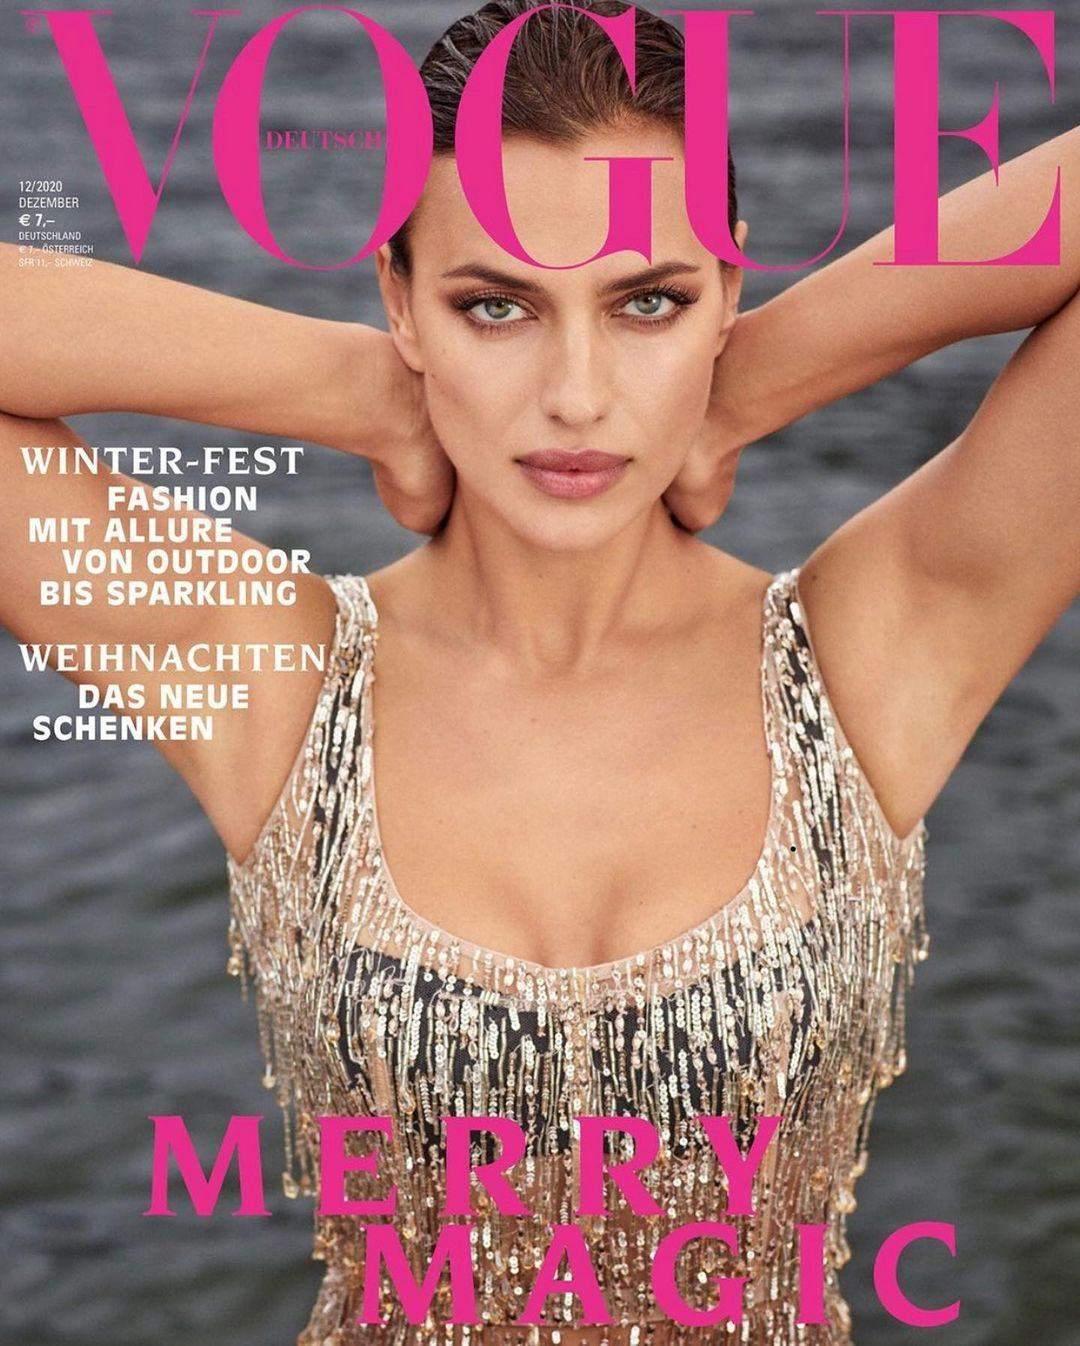 Ірина Шейк для обкладинки Vogue